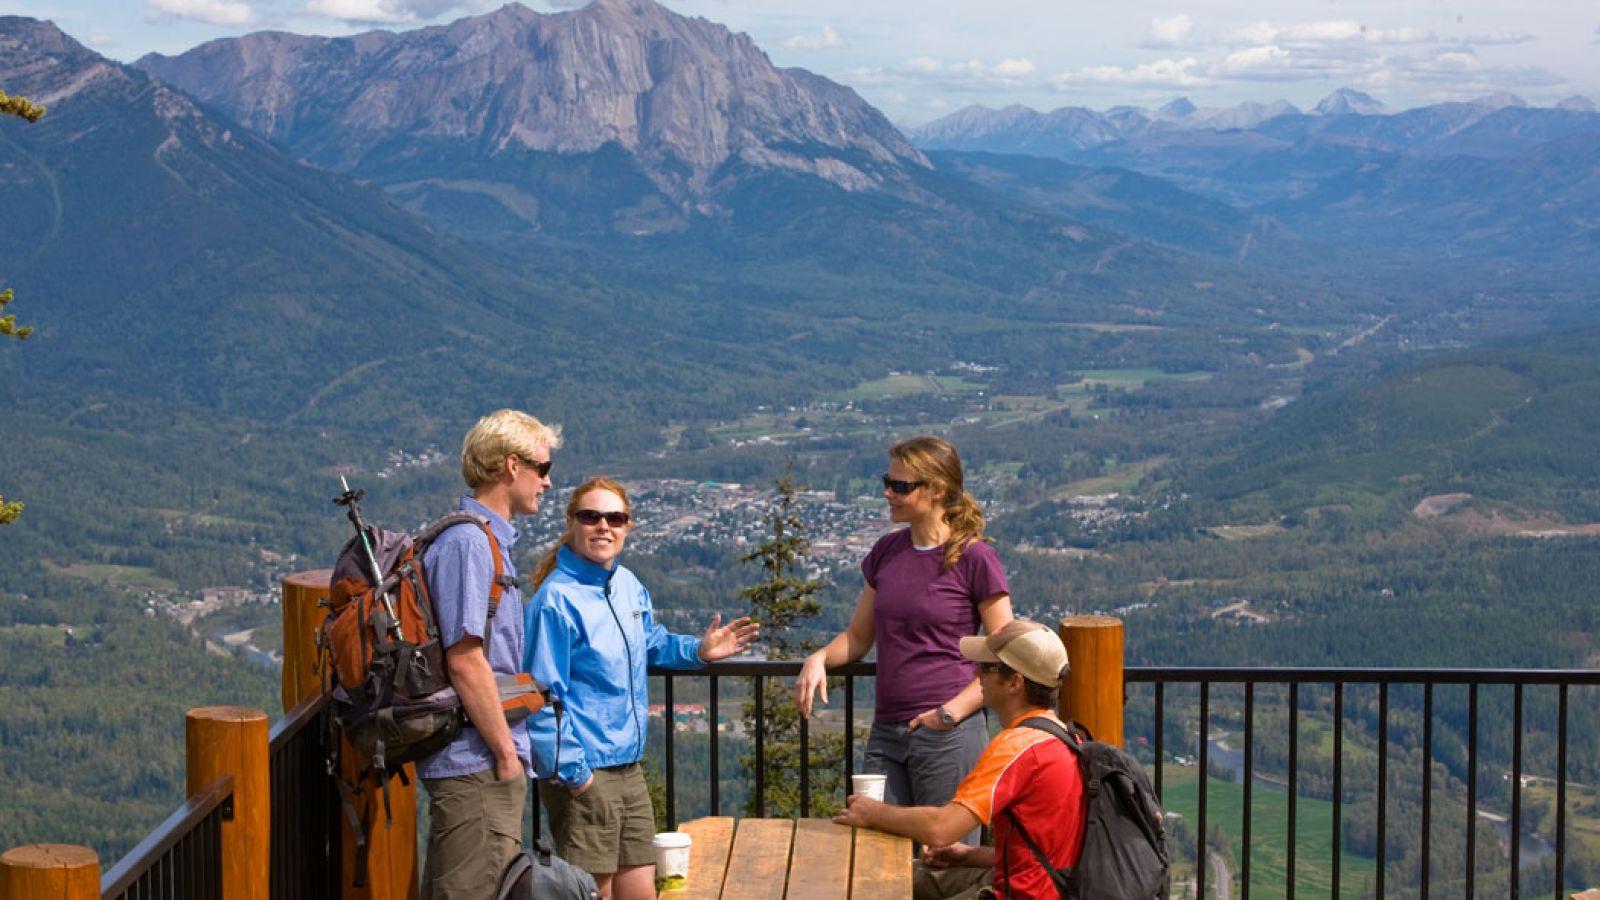 Summer at Fernie Alpine Resort.